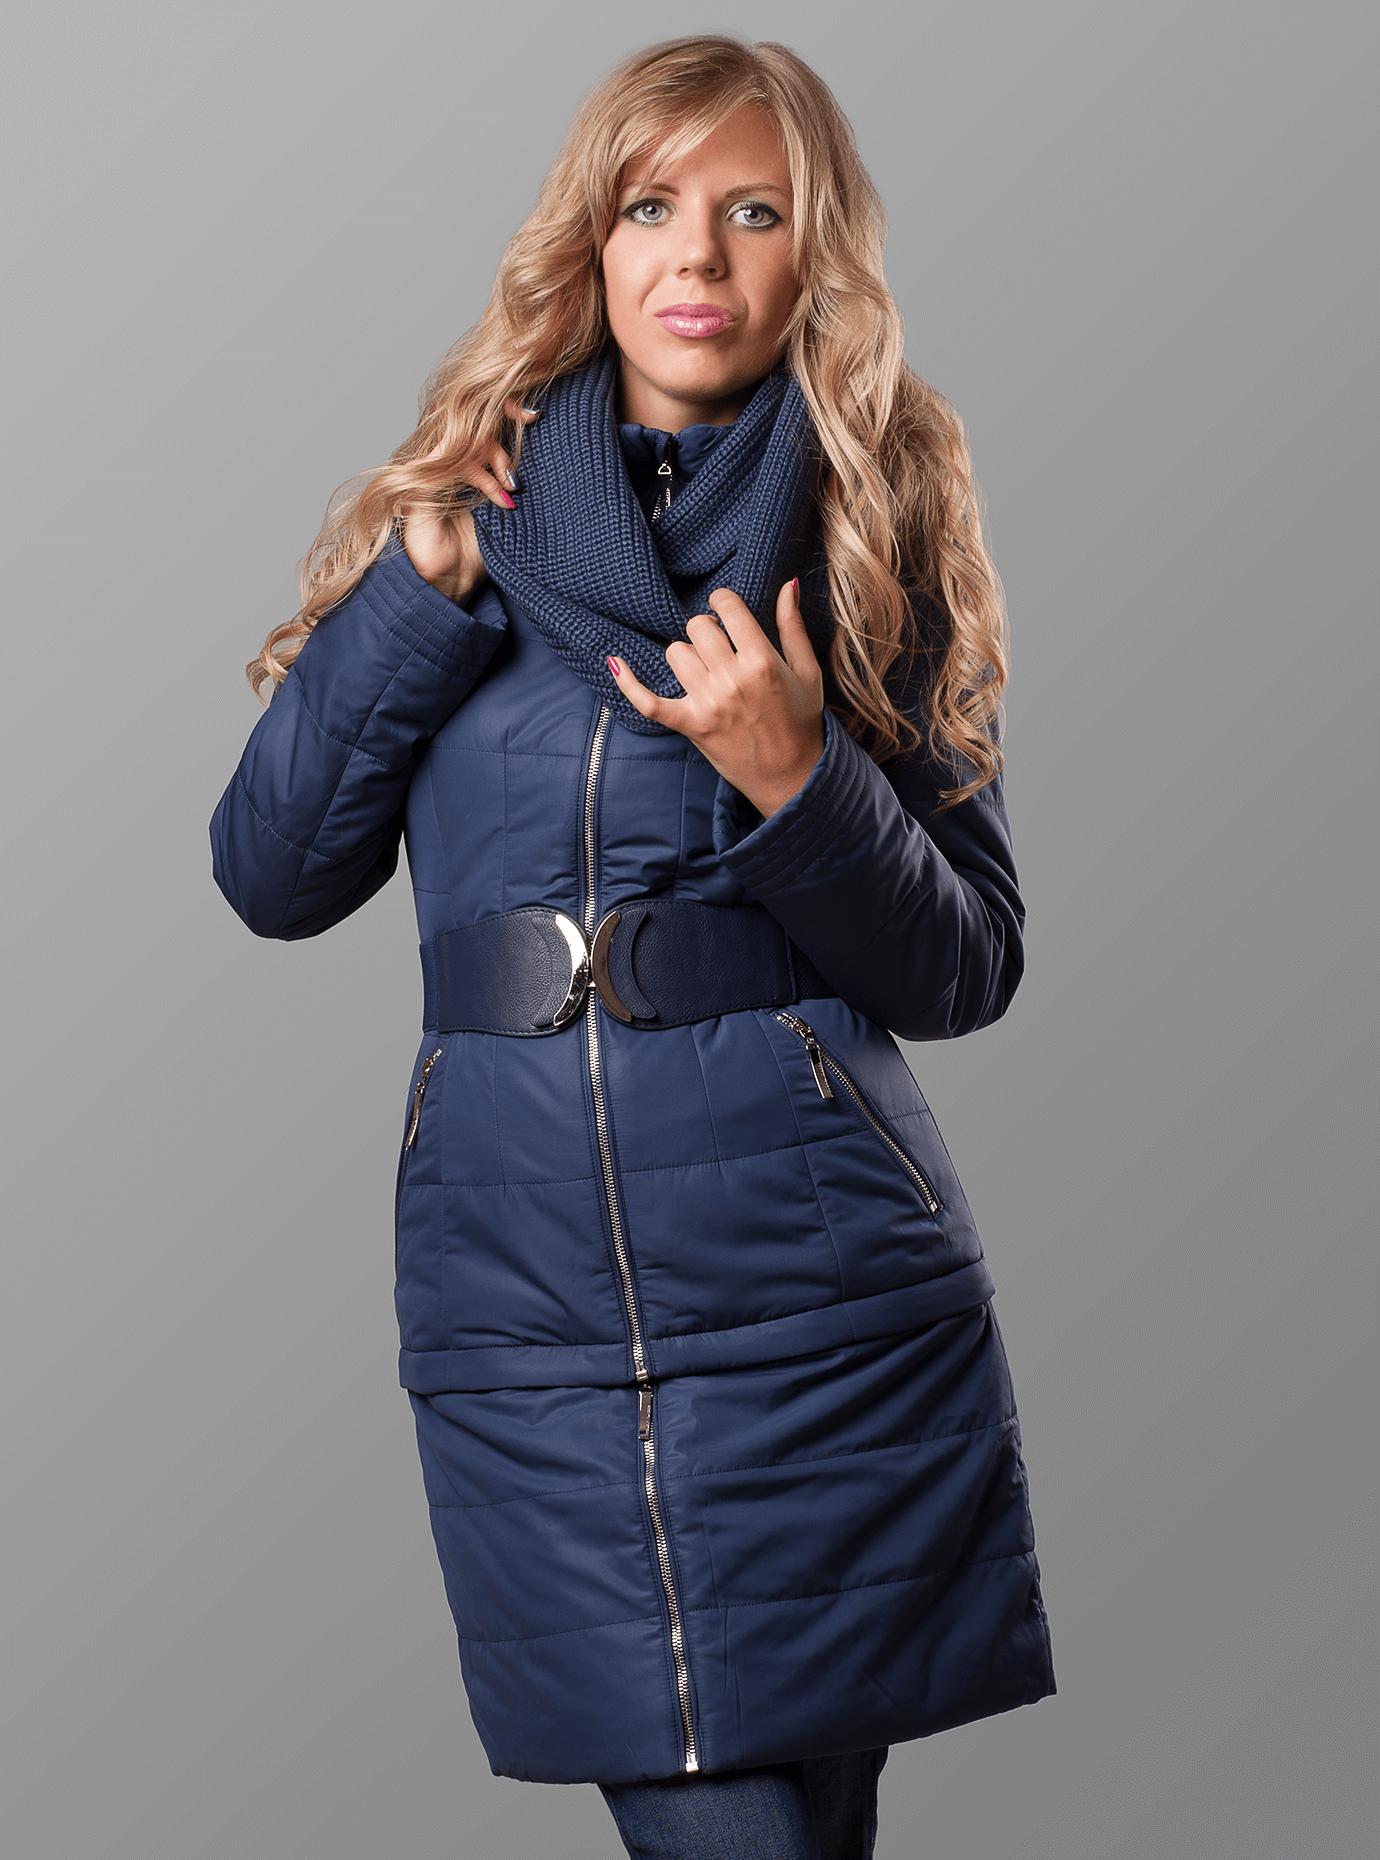 Куртка женская зимняя плюс ремень и снуд Тёмно-синий S (05-ZZ19081): фото - Alster.ua